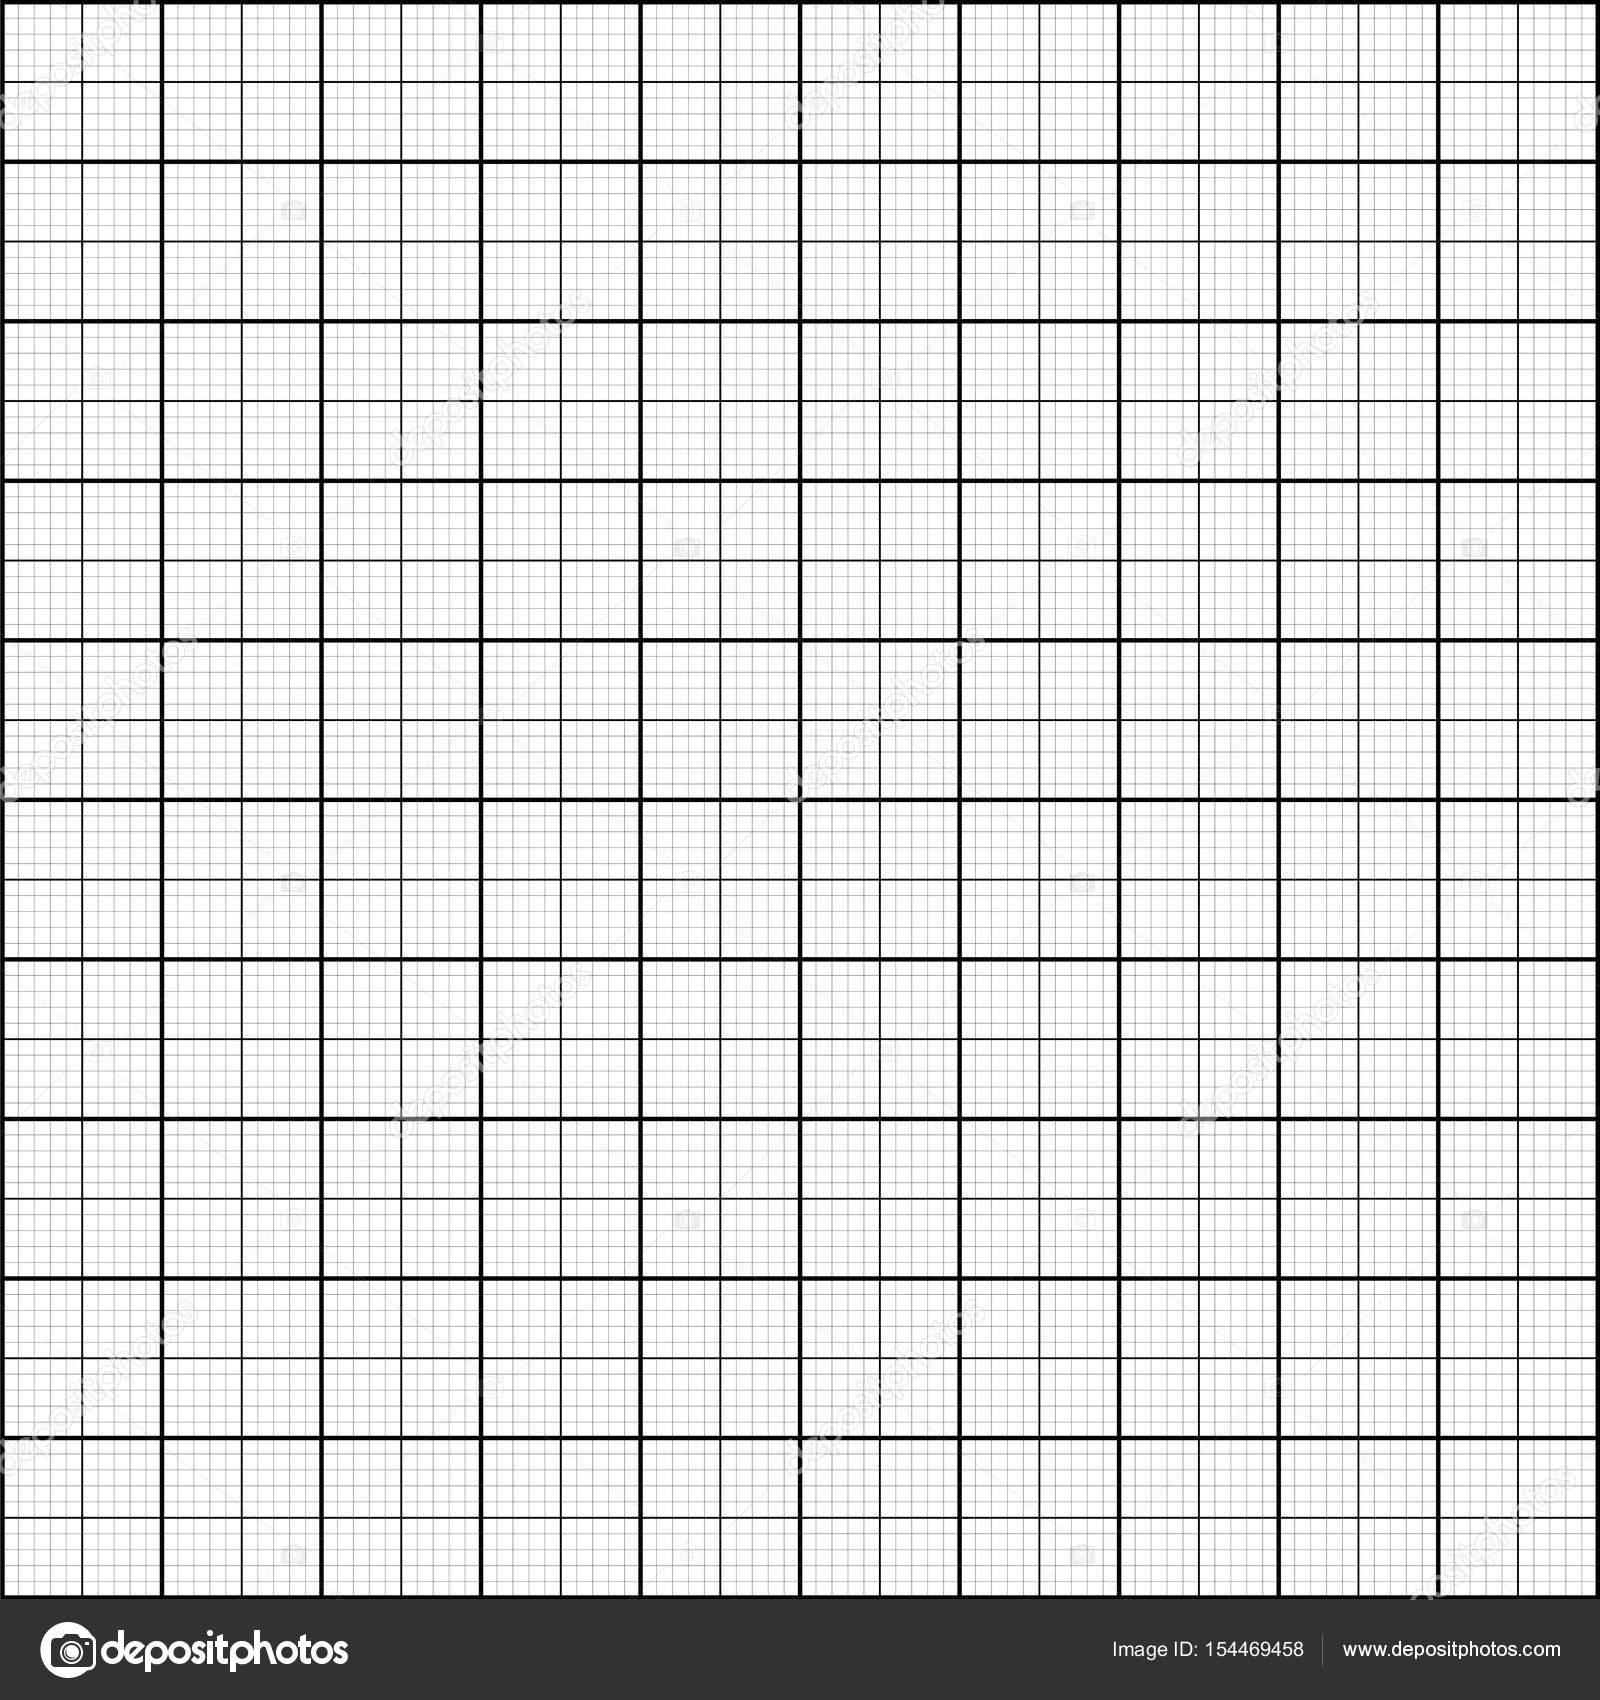 Grille De Coordonnees Papier Papier Millimetre Papier Carre Image